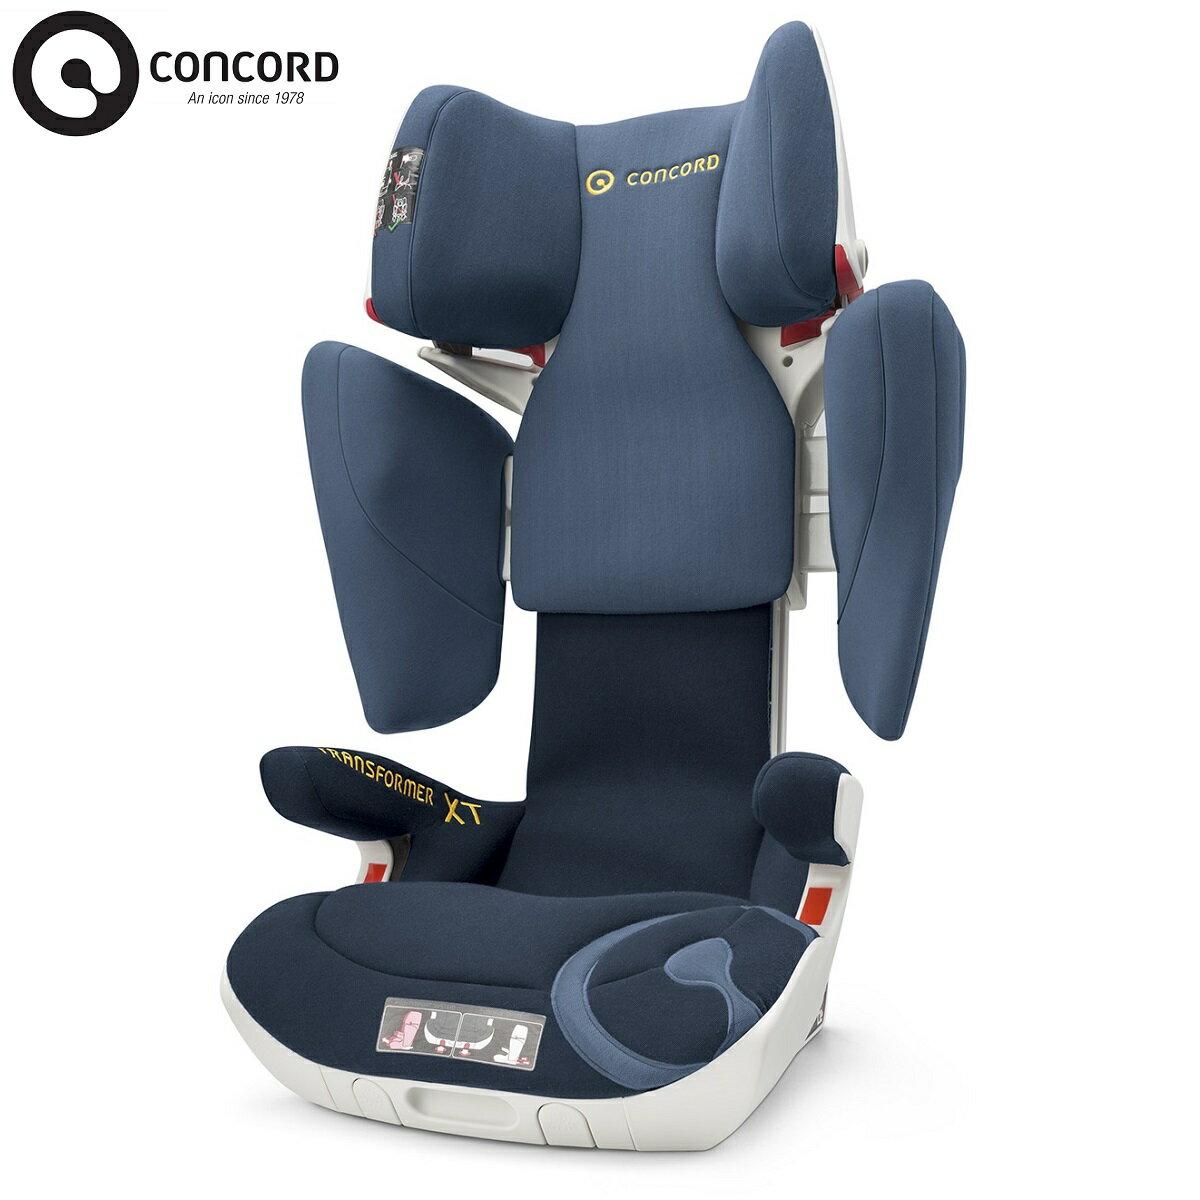 德國【CONCORD】 Transformer XT 汽車安全座椅(藍色) - 限時優惠好康折扣